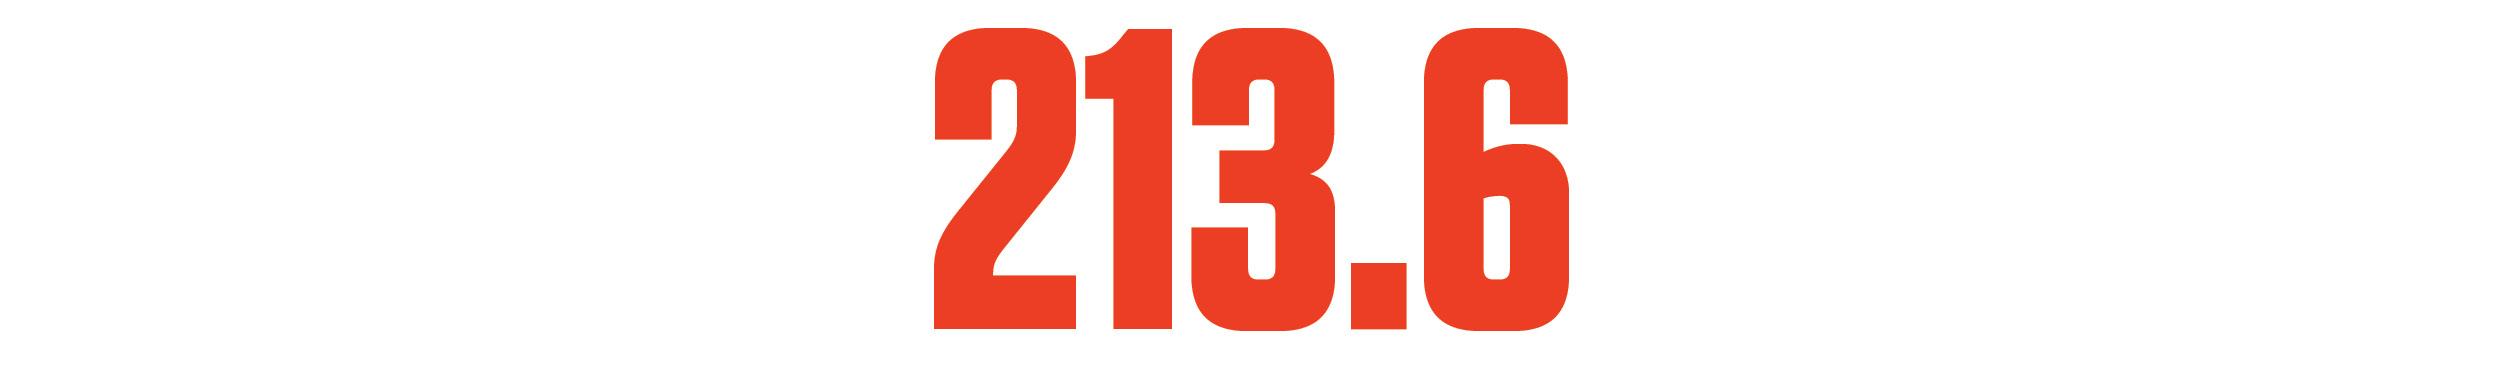 [Image: numbers5.jpg]